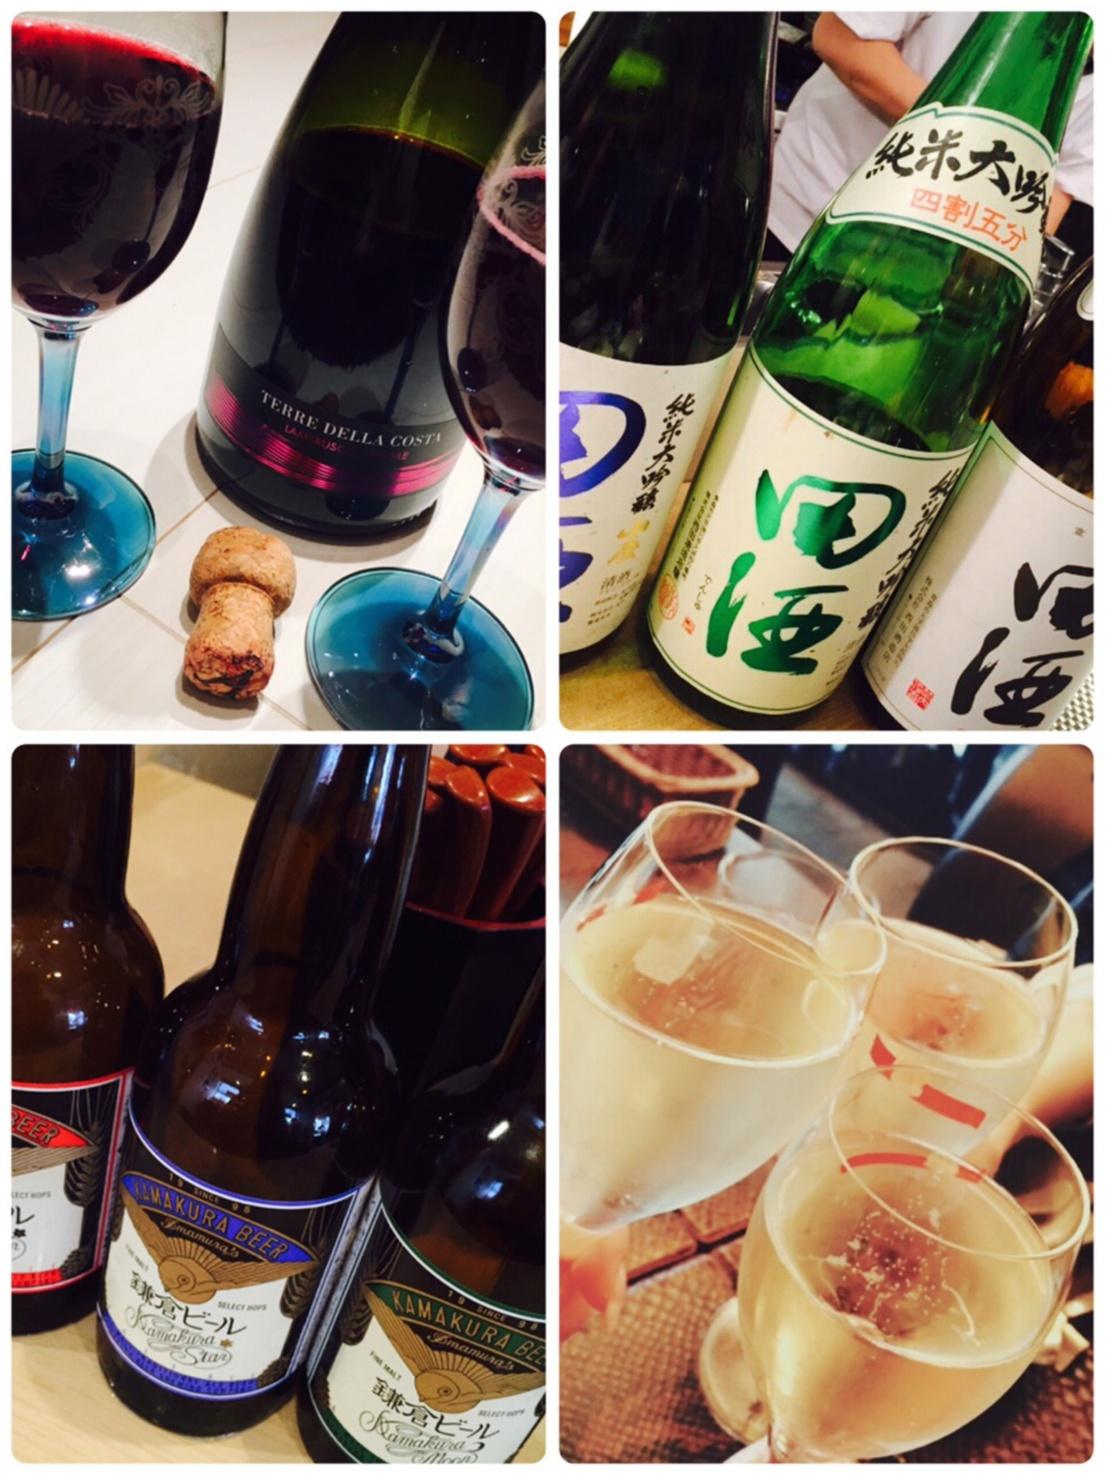 グルメとお酒とダイエット情報は任せてください!!!AKKYです。_2